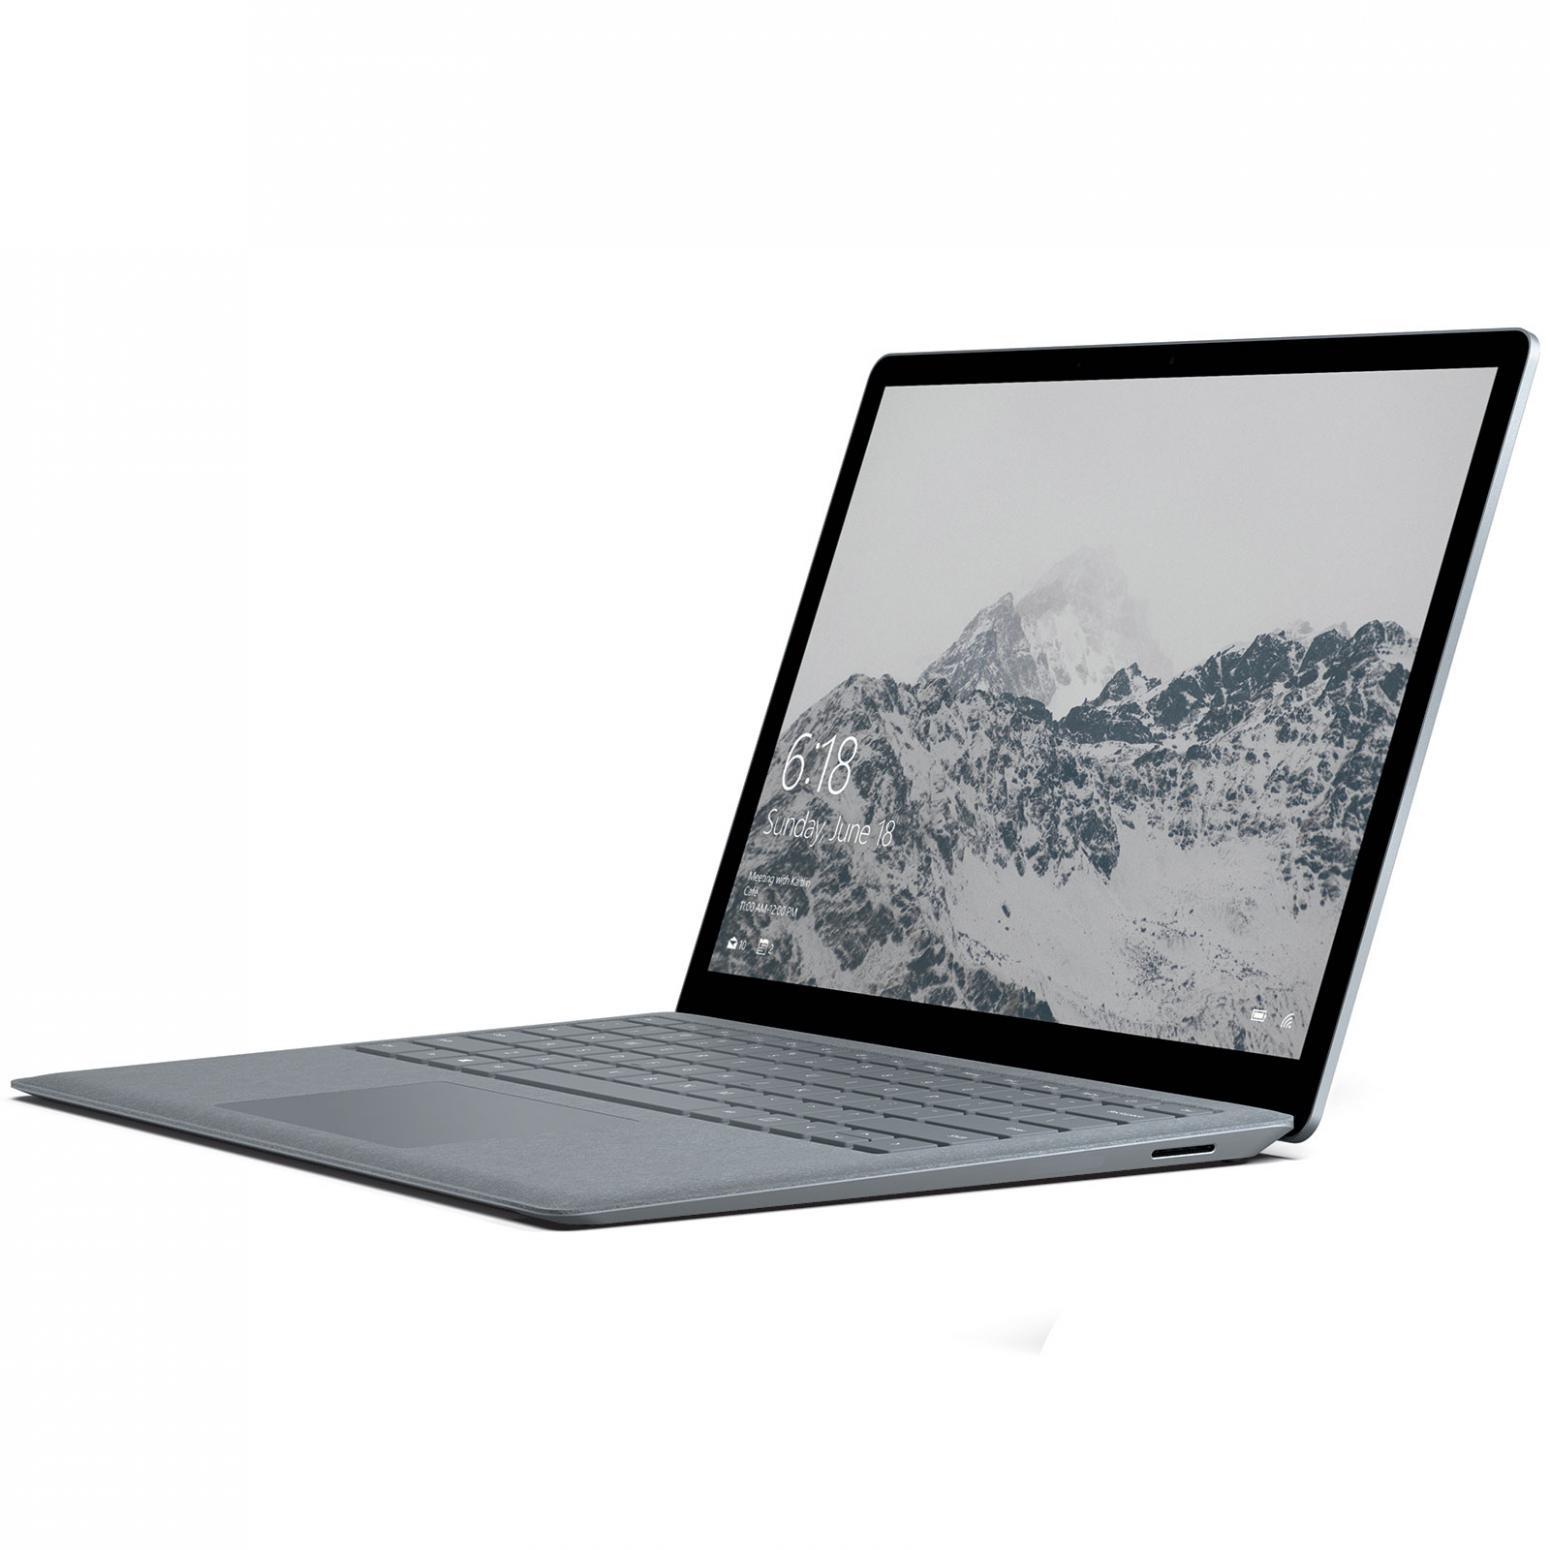 Ordinateur portable Microsoft Surface Laptop - Core i5, 8 Go, 128 Go tactile - photo 4